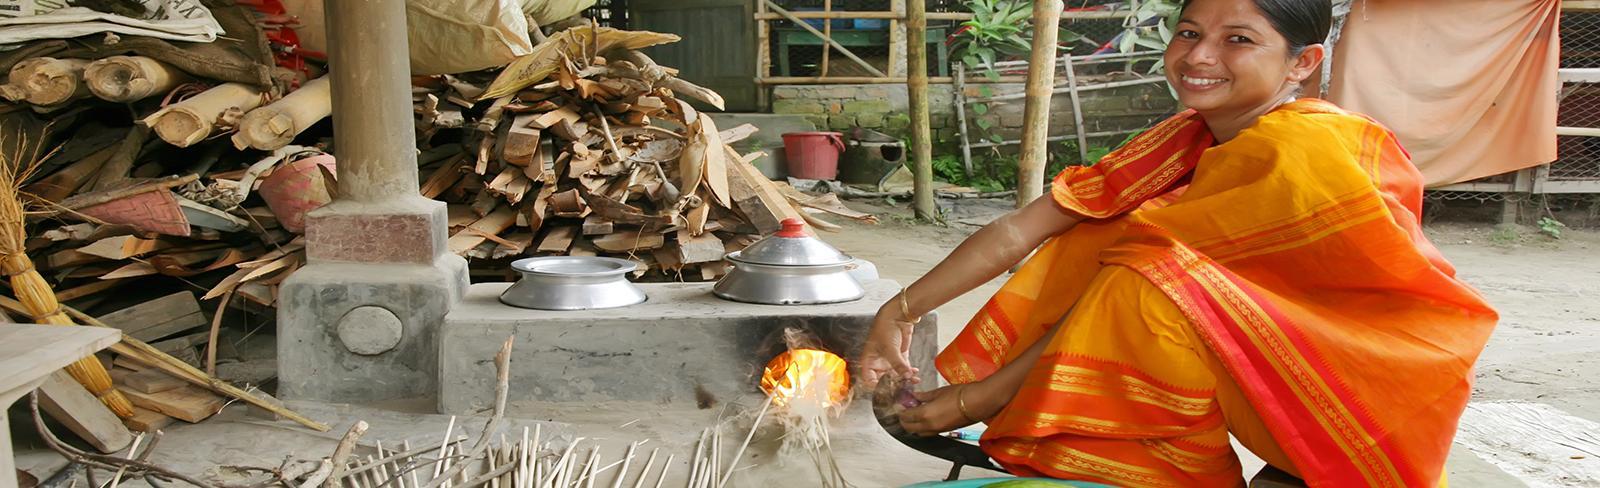 Bangladesh, woman cooking. Jibon Ahmed